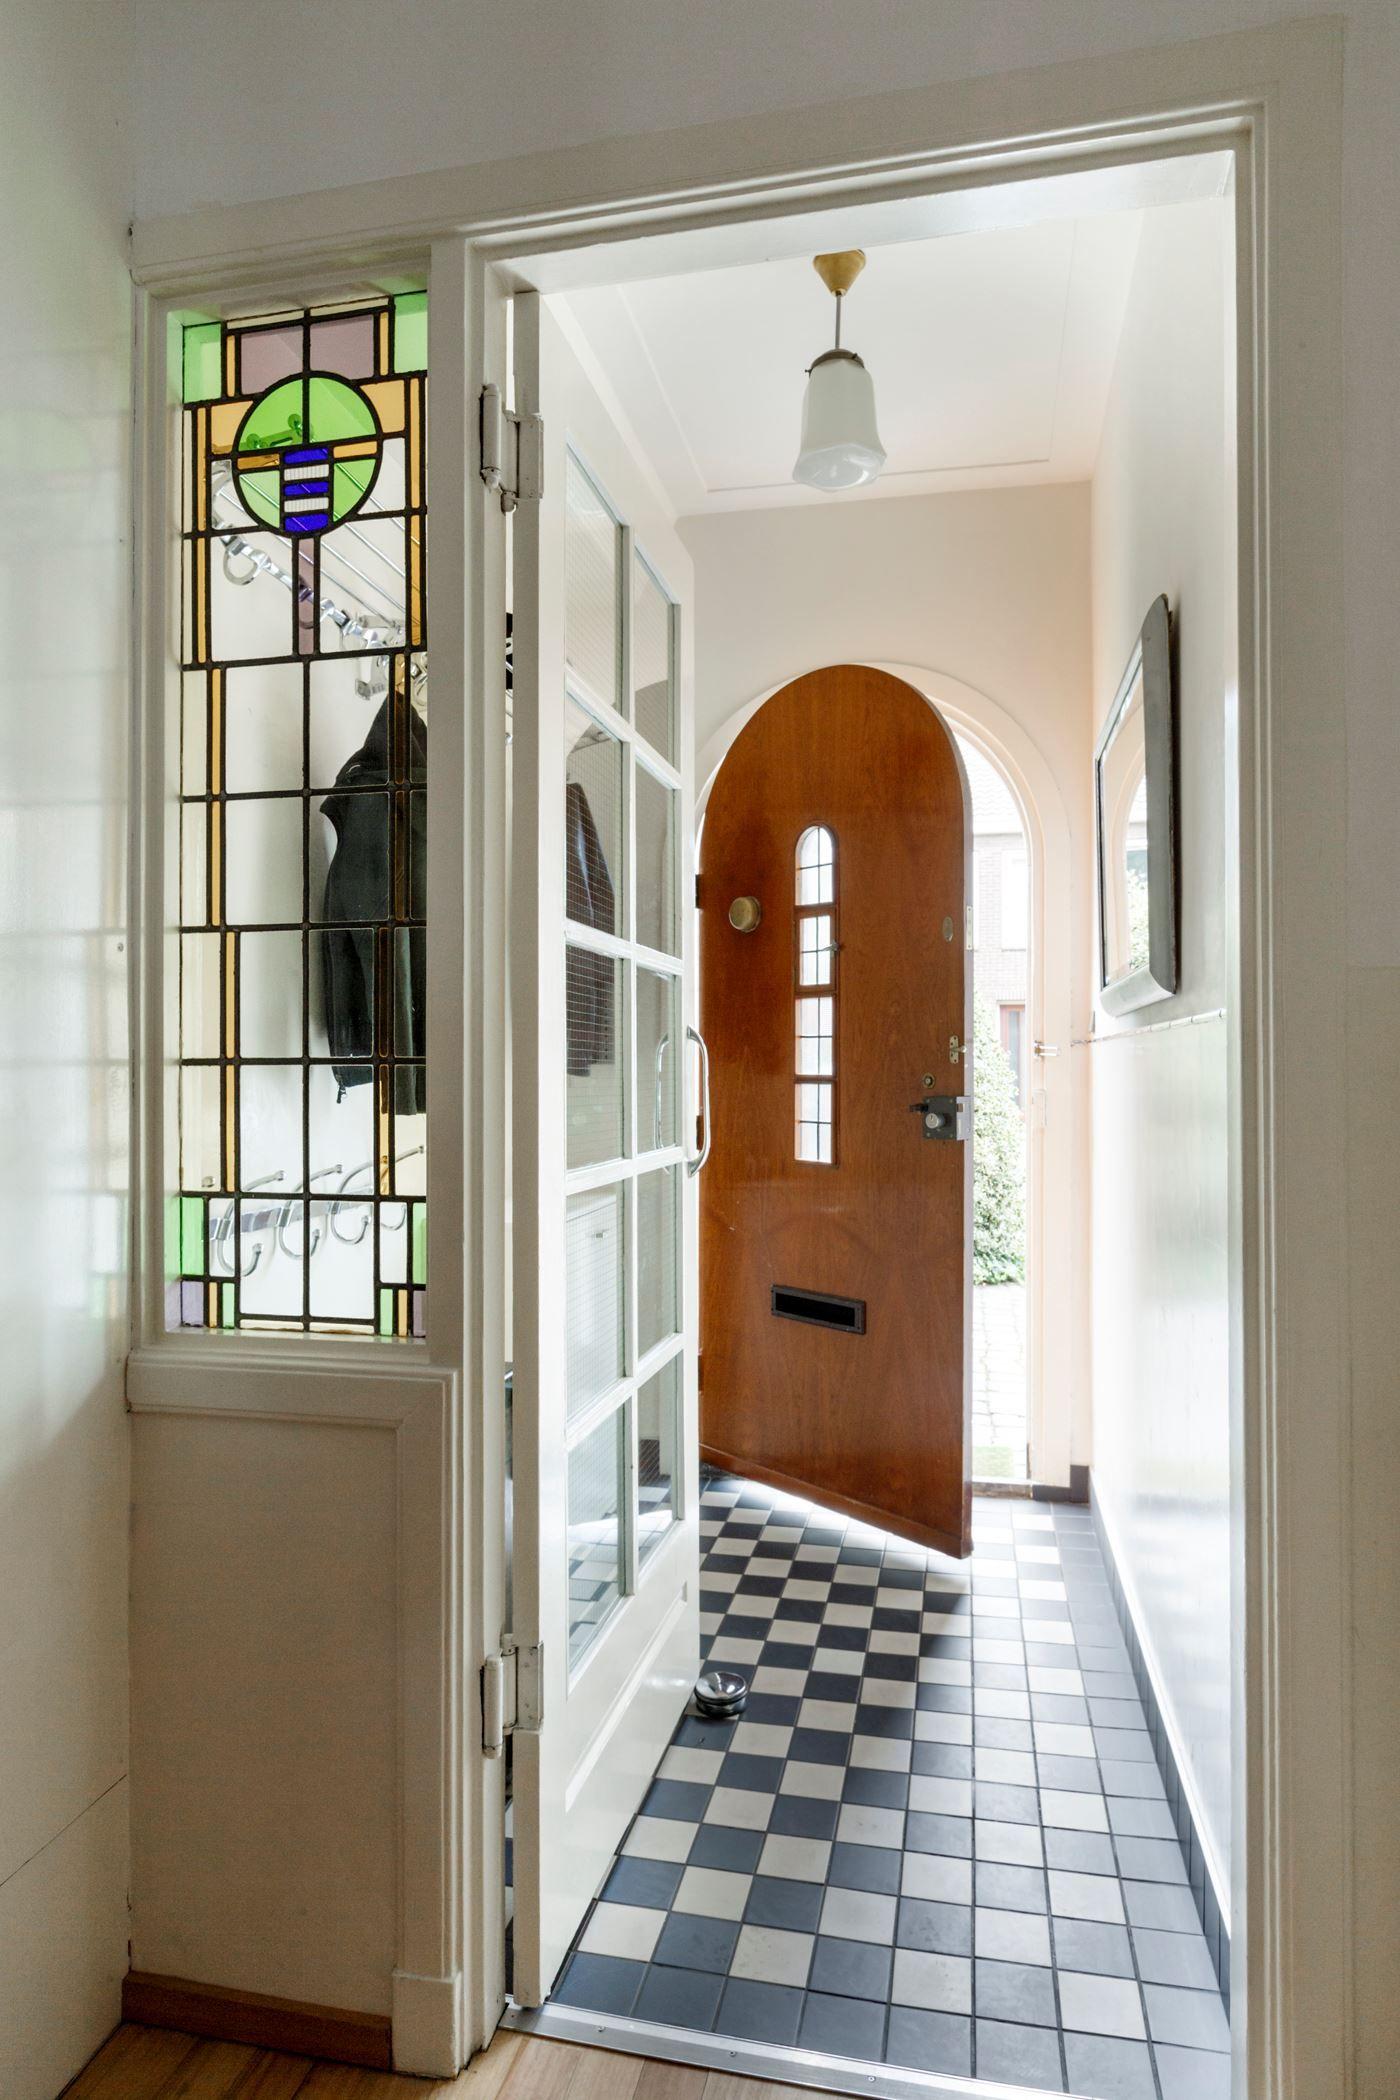 Mooie vestibule met authentieke for Huis interieur ideeen